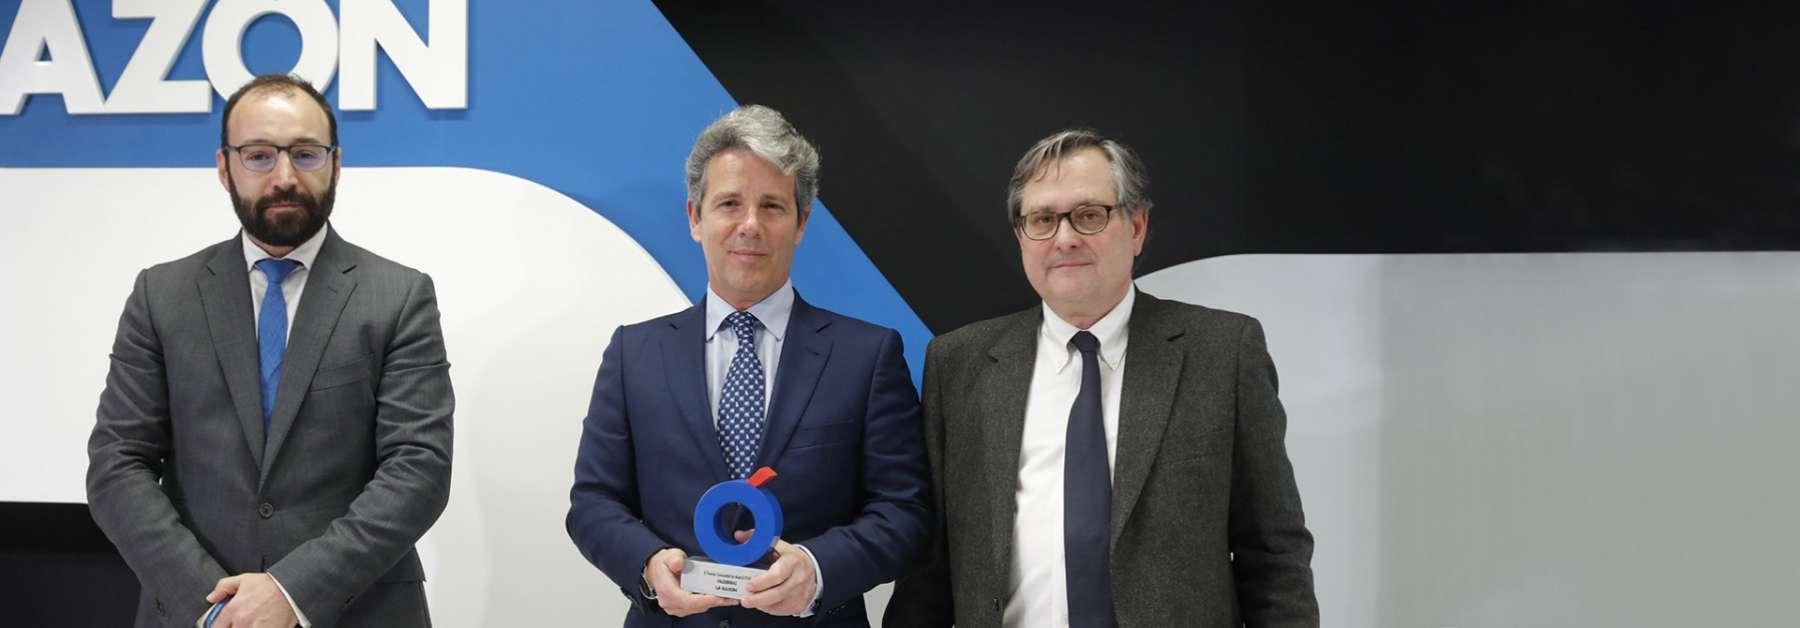 Premio especial de la Comunidad de Madrid al ámbito urbano más sostenible